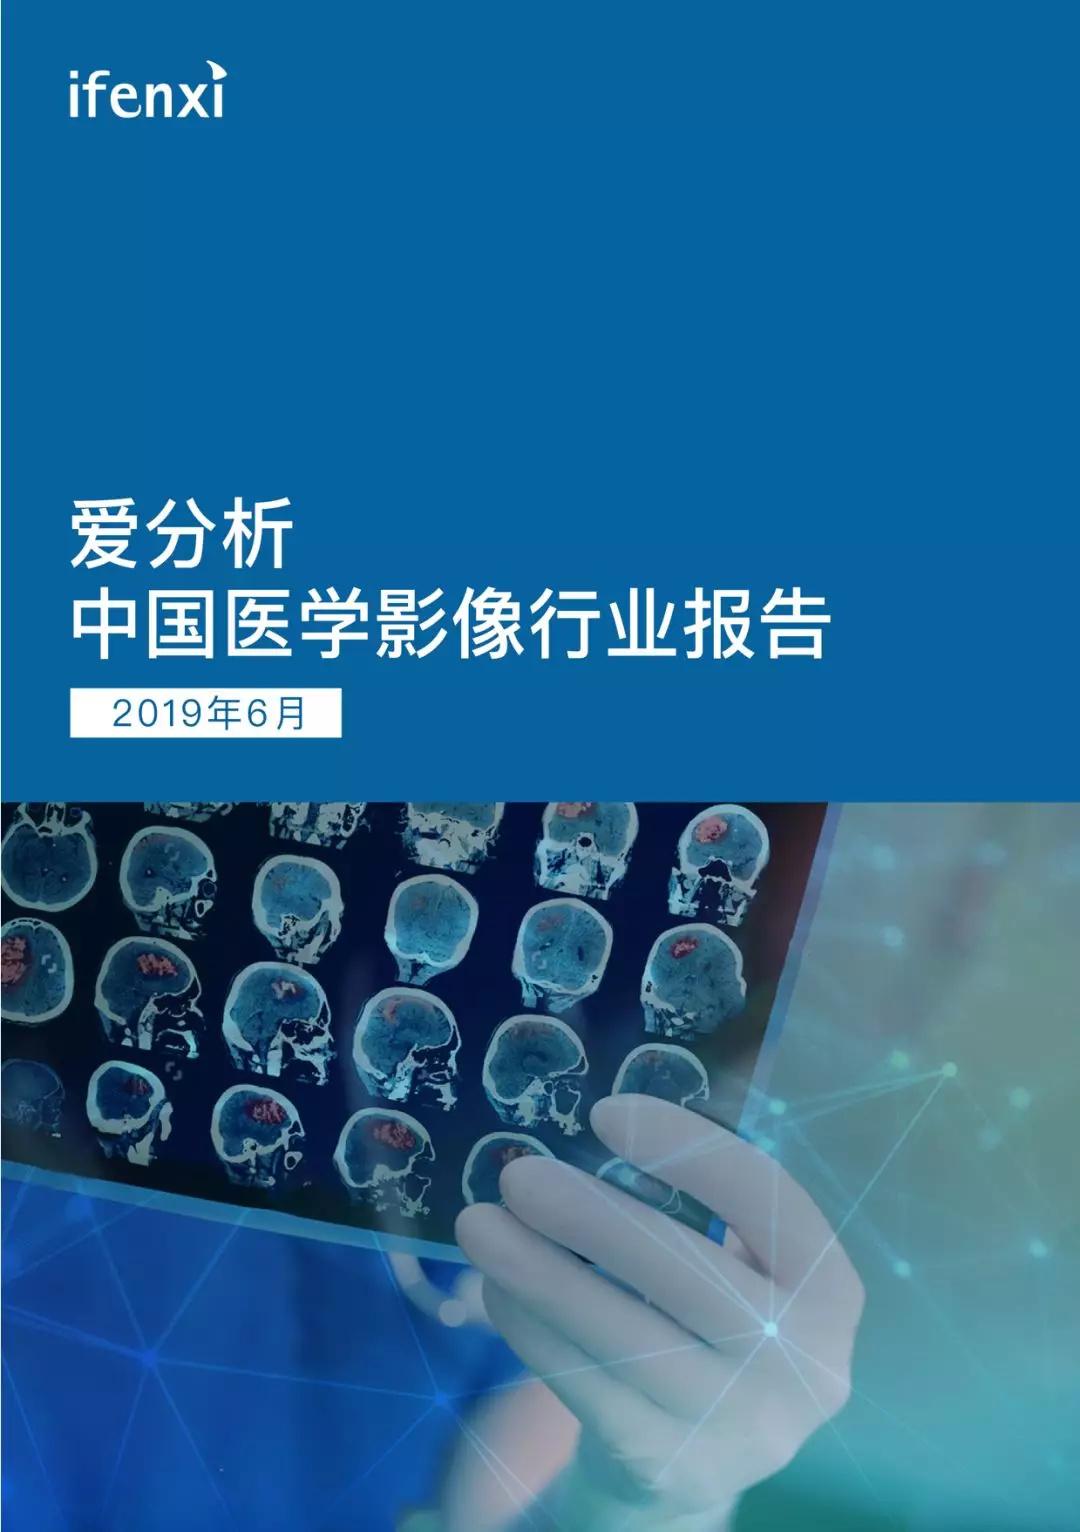 万字深度报告,透视AI医学影像前景 | 爱分析报告